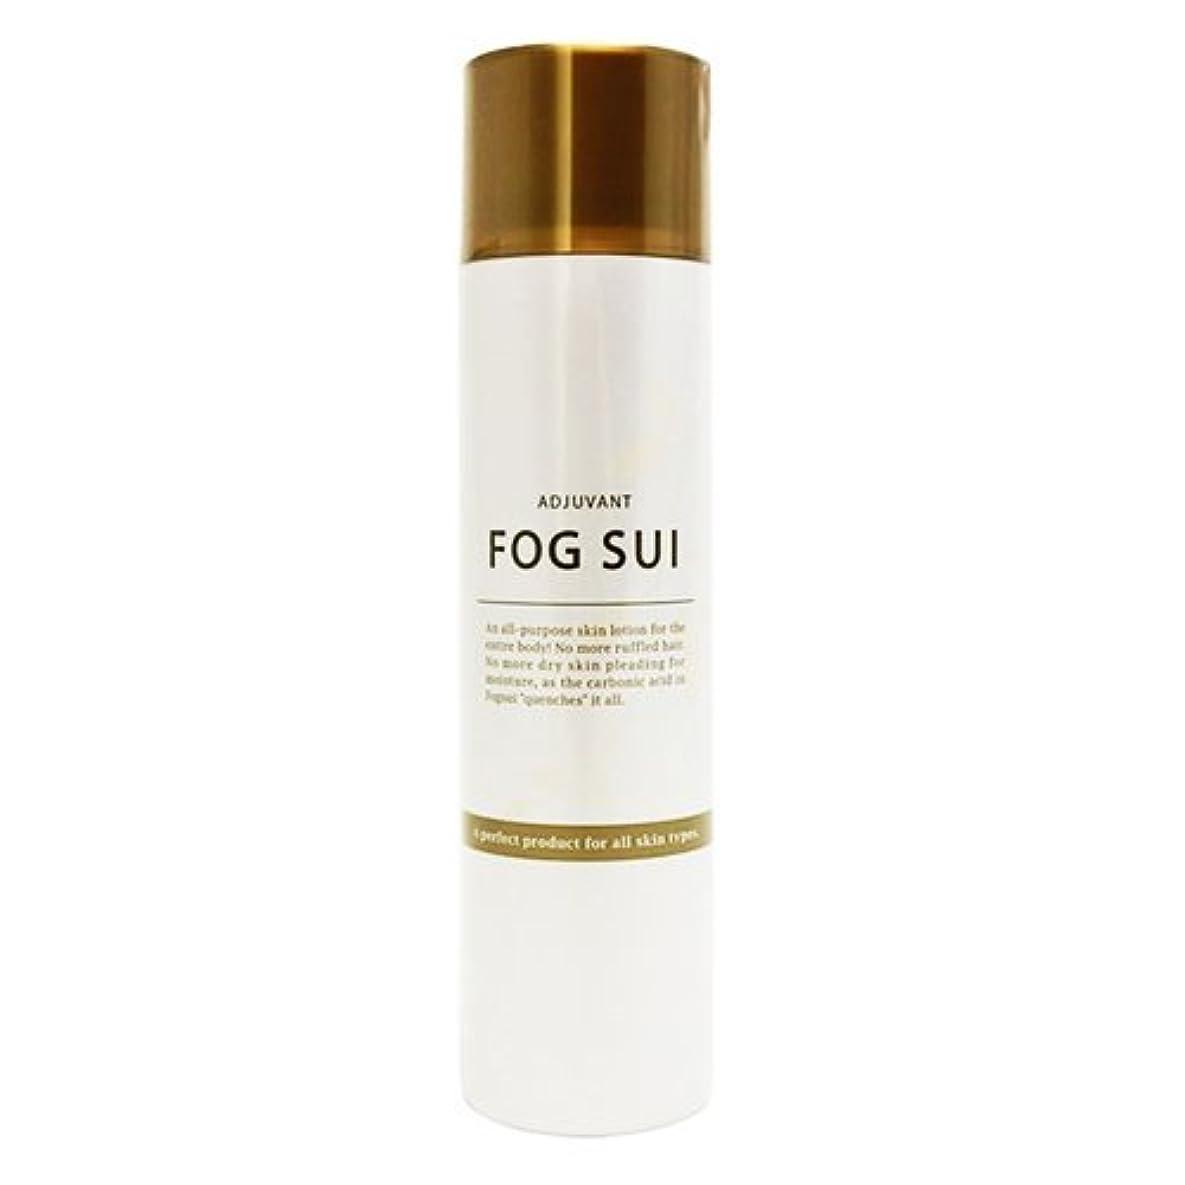 ブラウン拡張話アジュバン フォグスイ 【全身用化粧水】 FOGSUI  120g